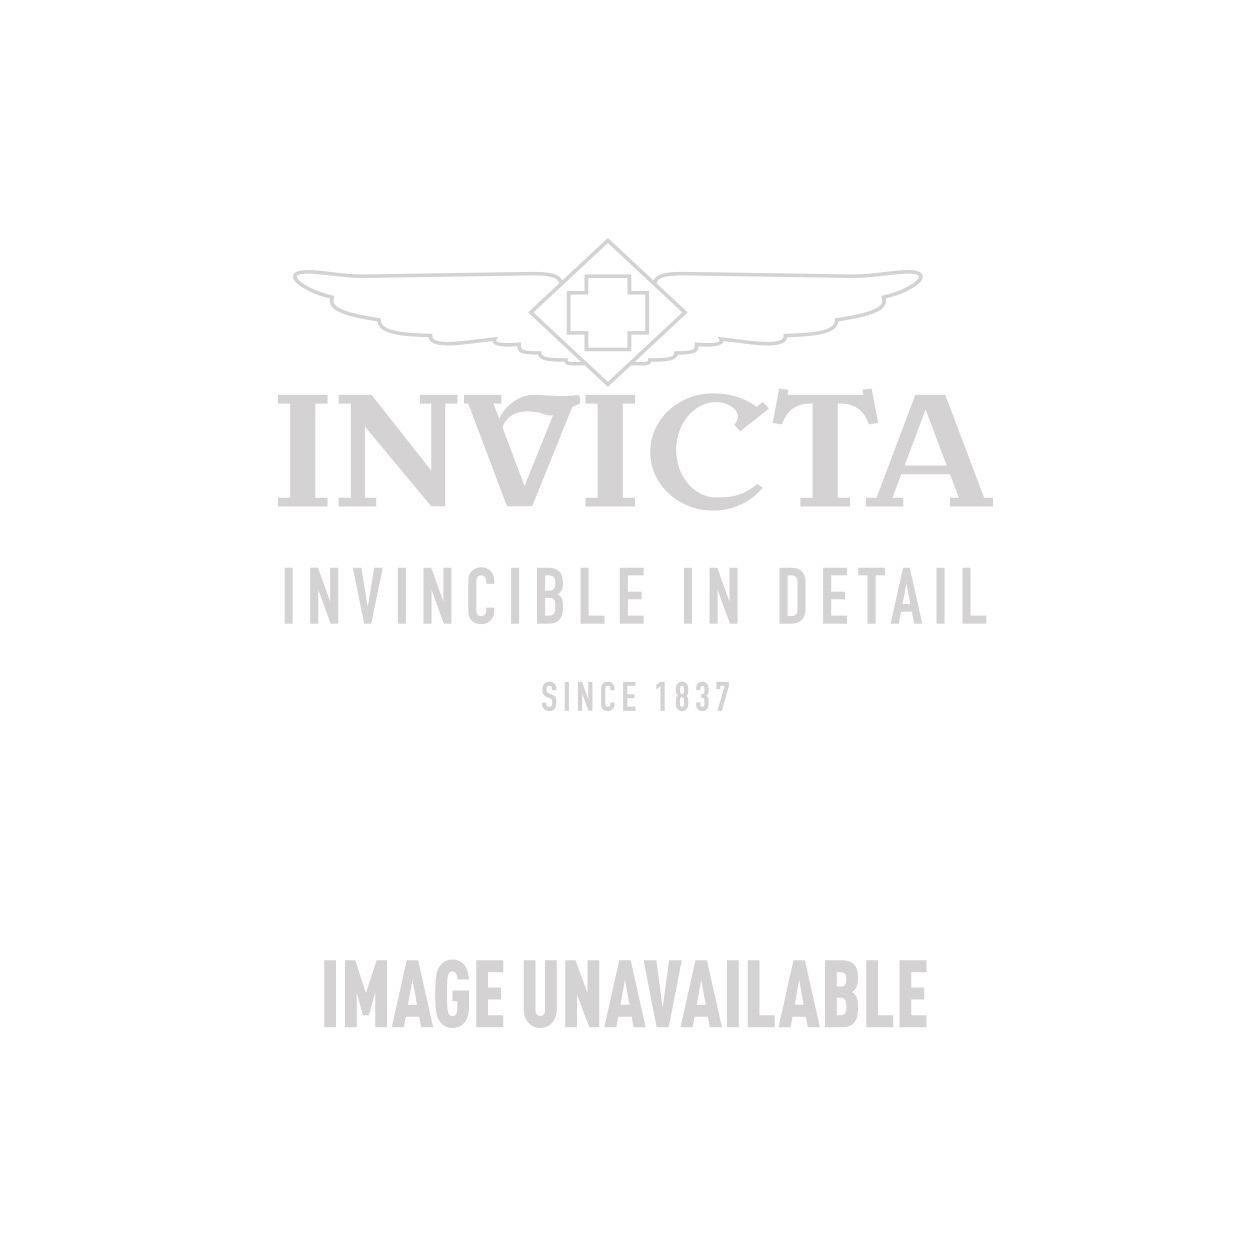 Invicta Model 22549